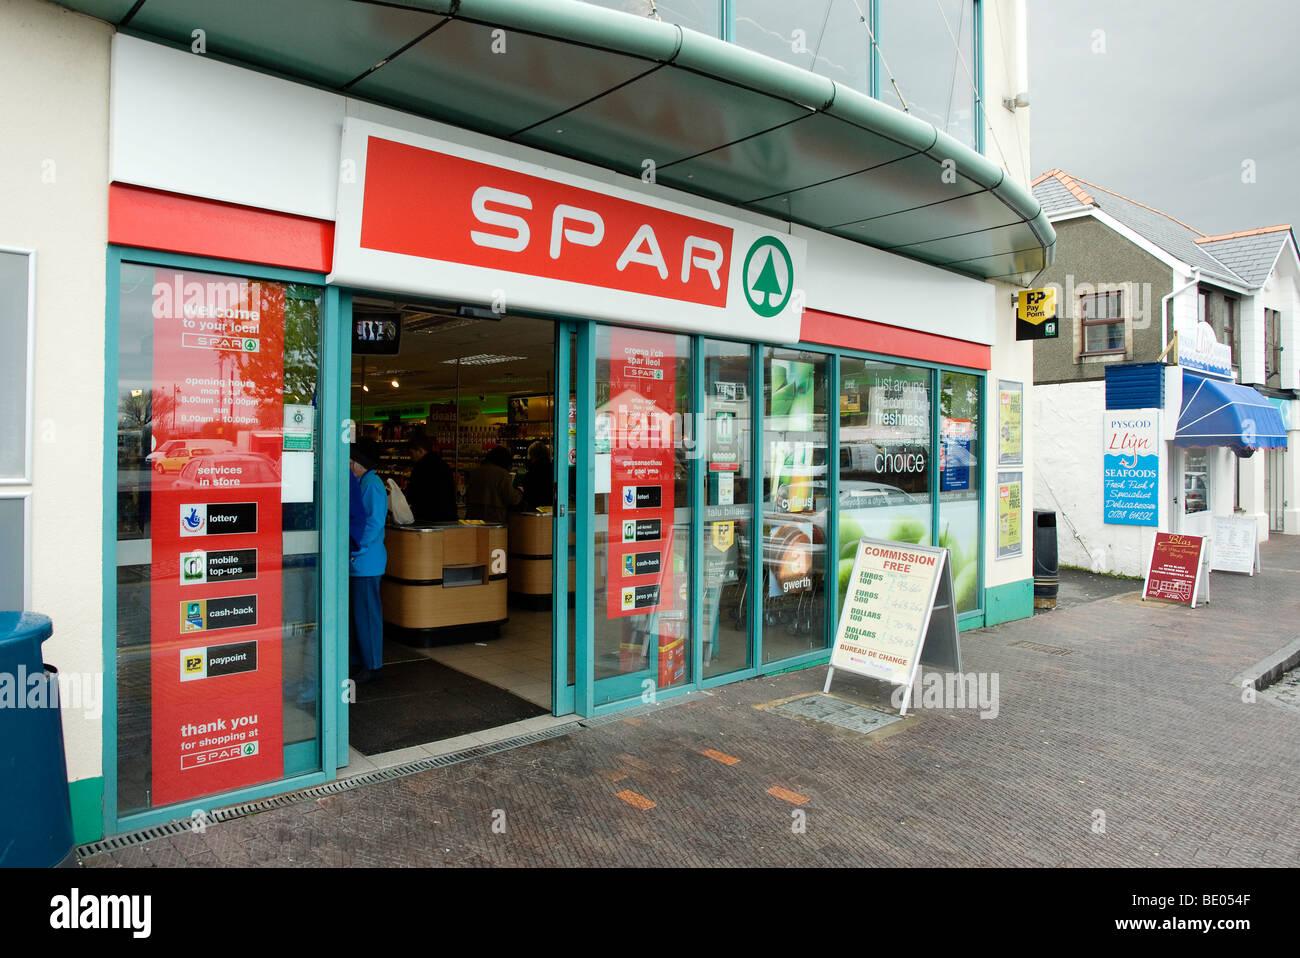 57b76e6ee2 Spar Shop Uk Stock Photos   Spar Shop Uk Stock Images - Alamy